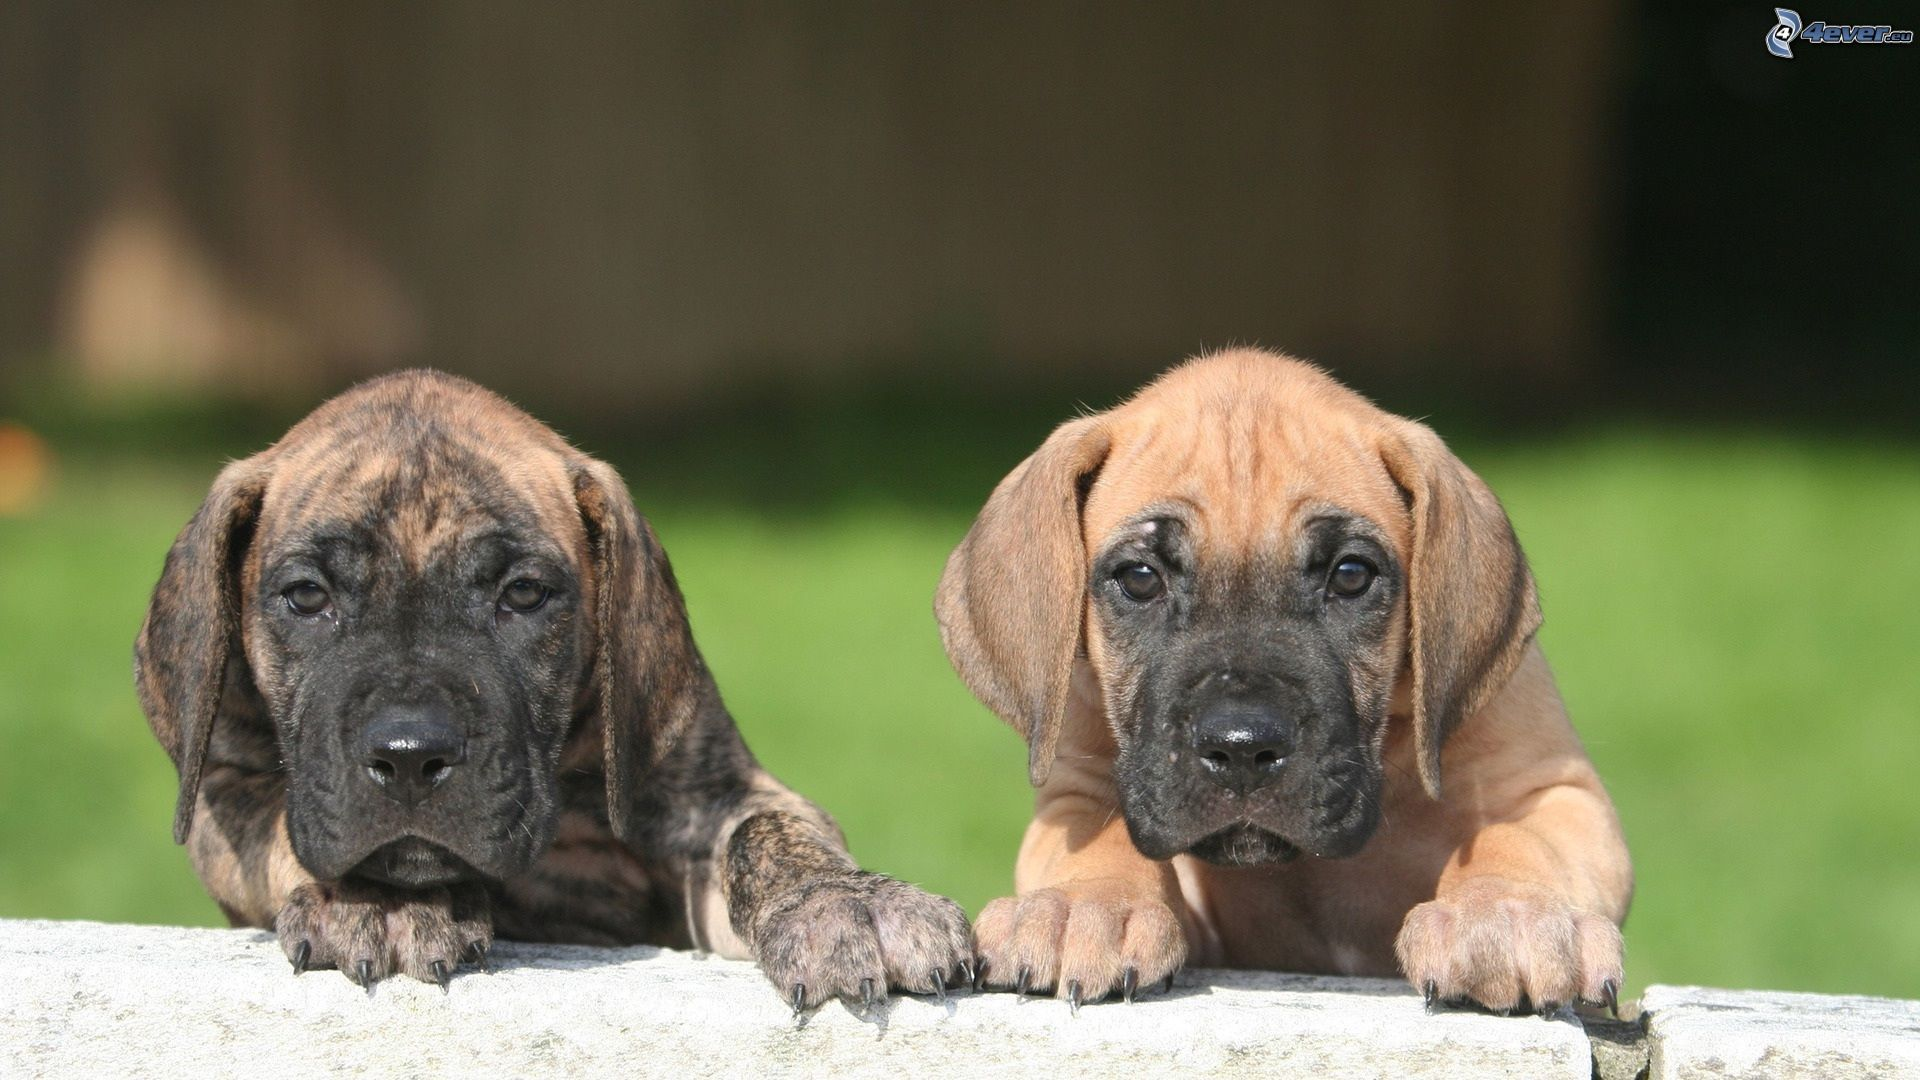 deutsche dogge welpen deutschedogge,welpen232822.jpg